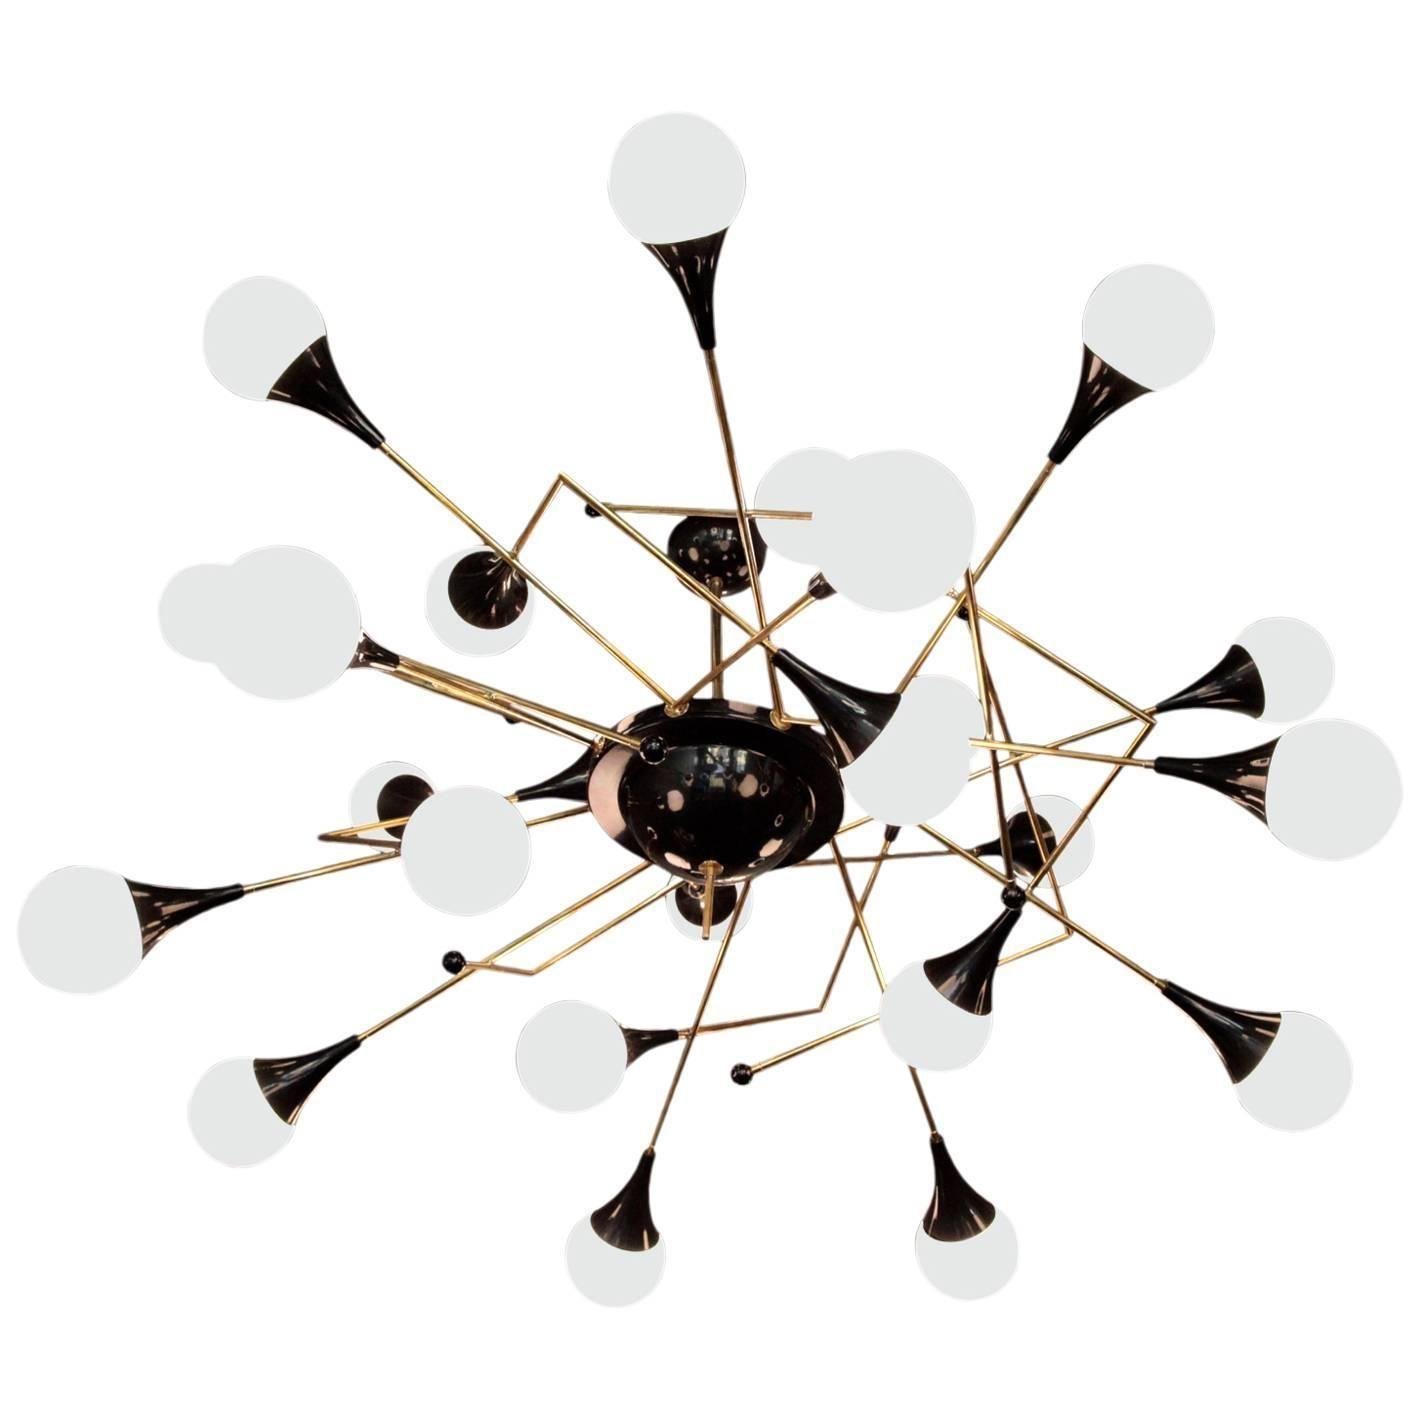 Exceptional Huge Atomic or Sputnik Sculpture